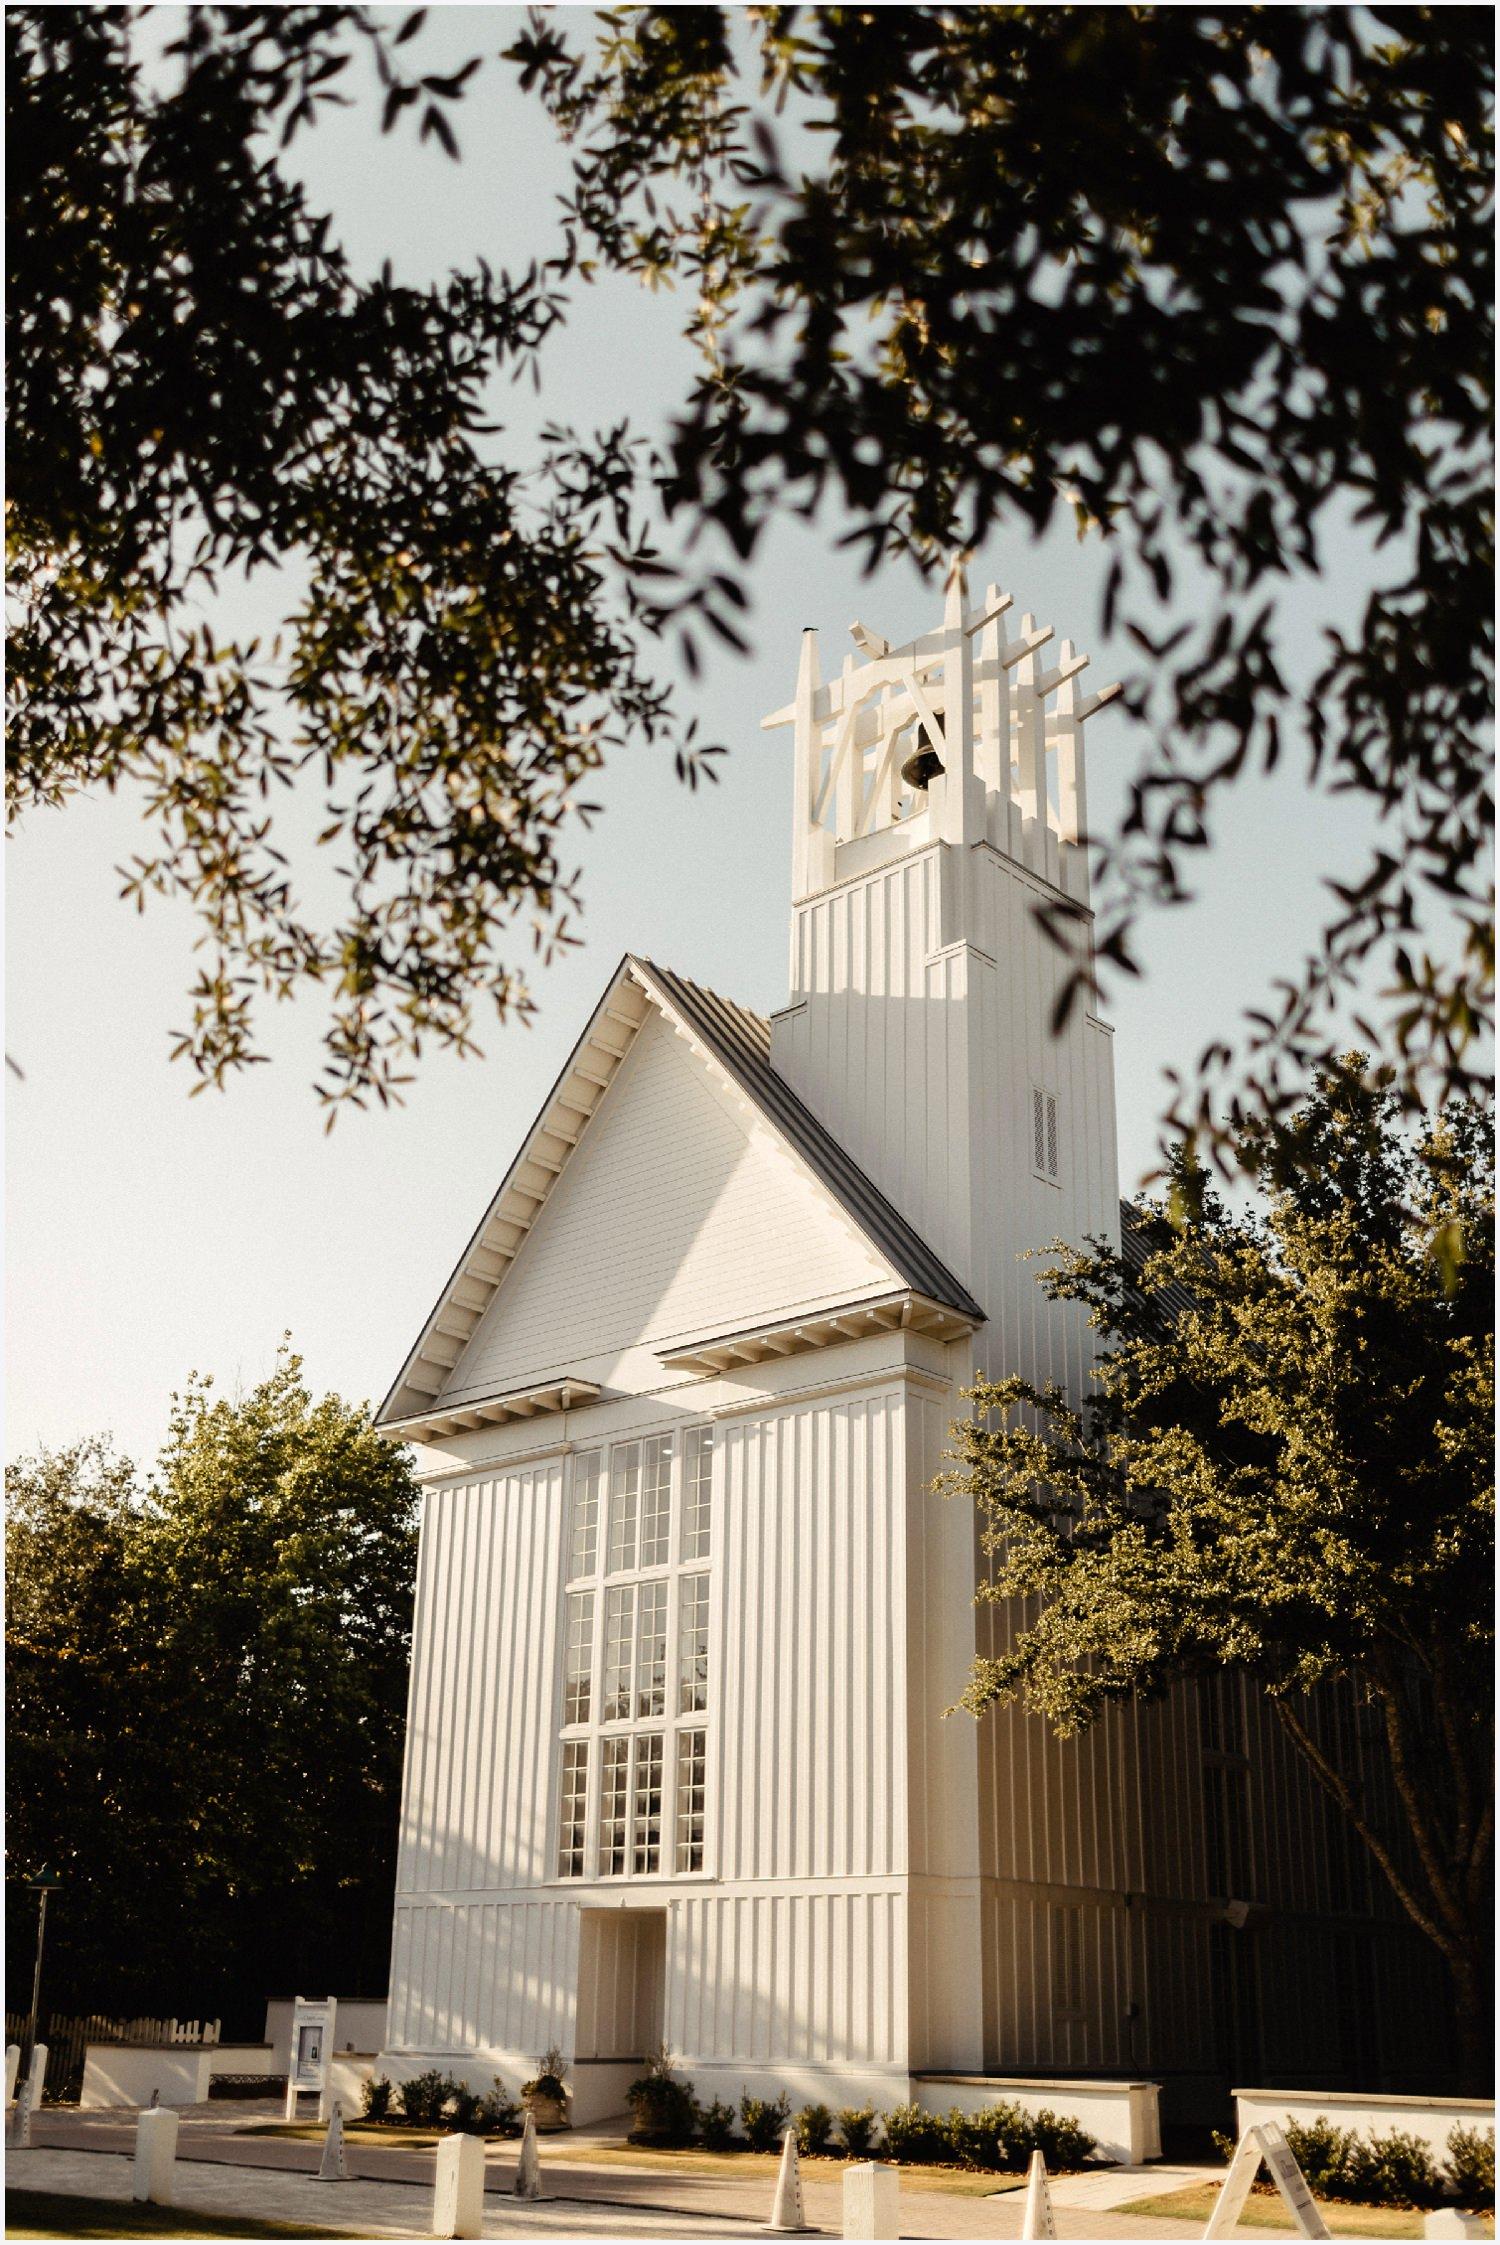 Seaside Chapel in Seaside, FL